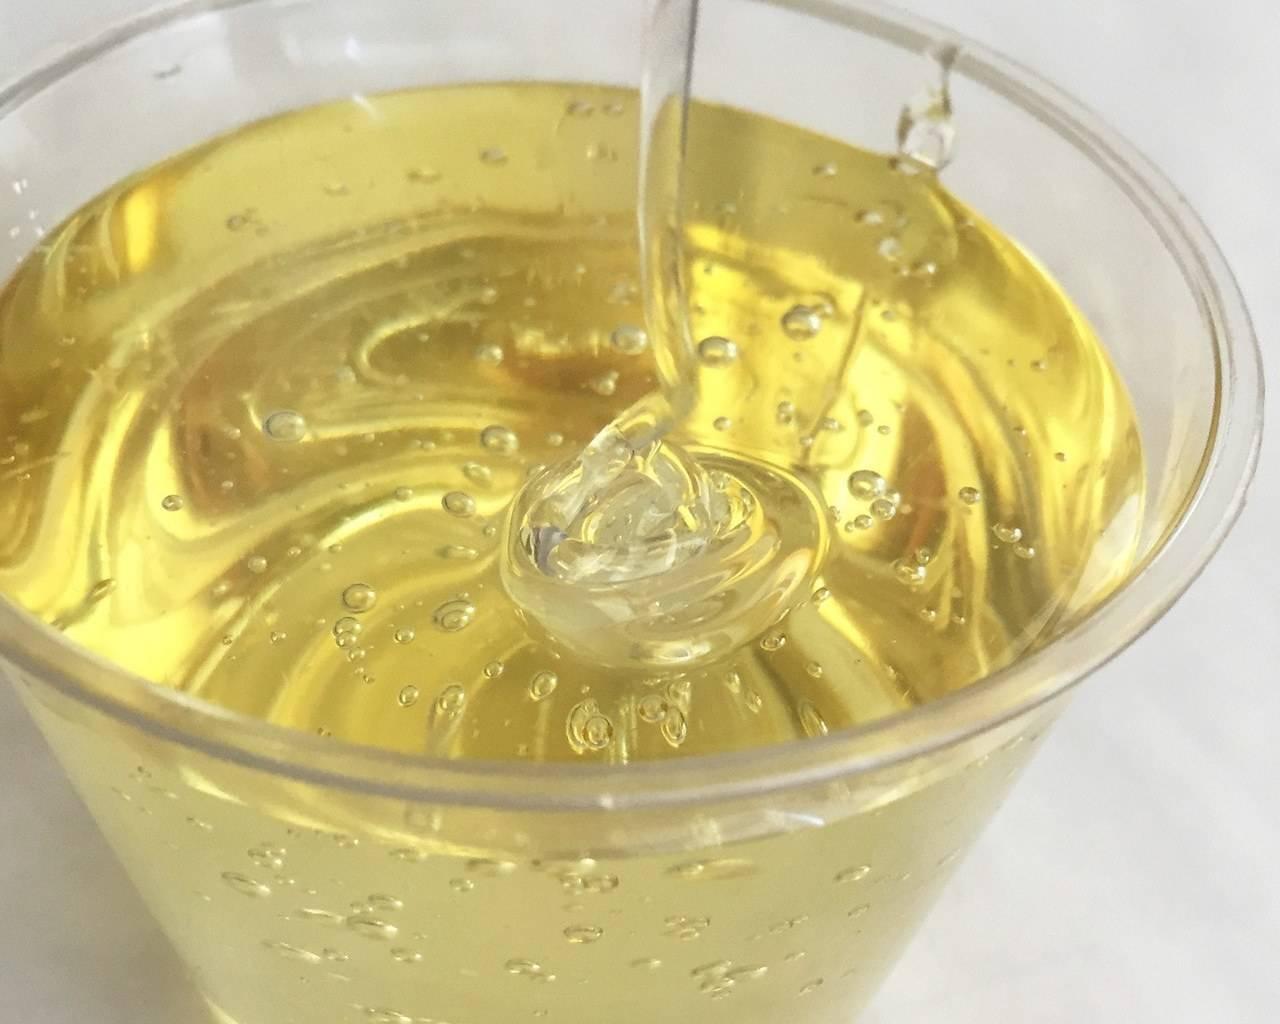 Как сделать густой сироп из сахара. сахарный сироп - лучшие рецепты для пропитки коржей или дополнения коктейлей